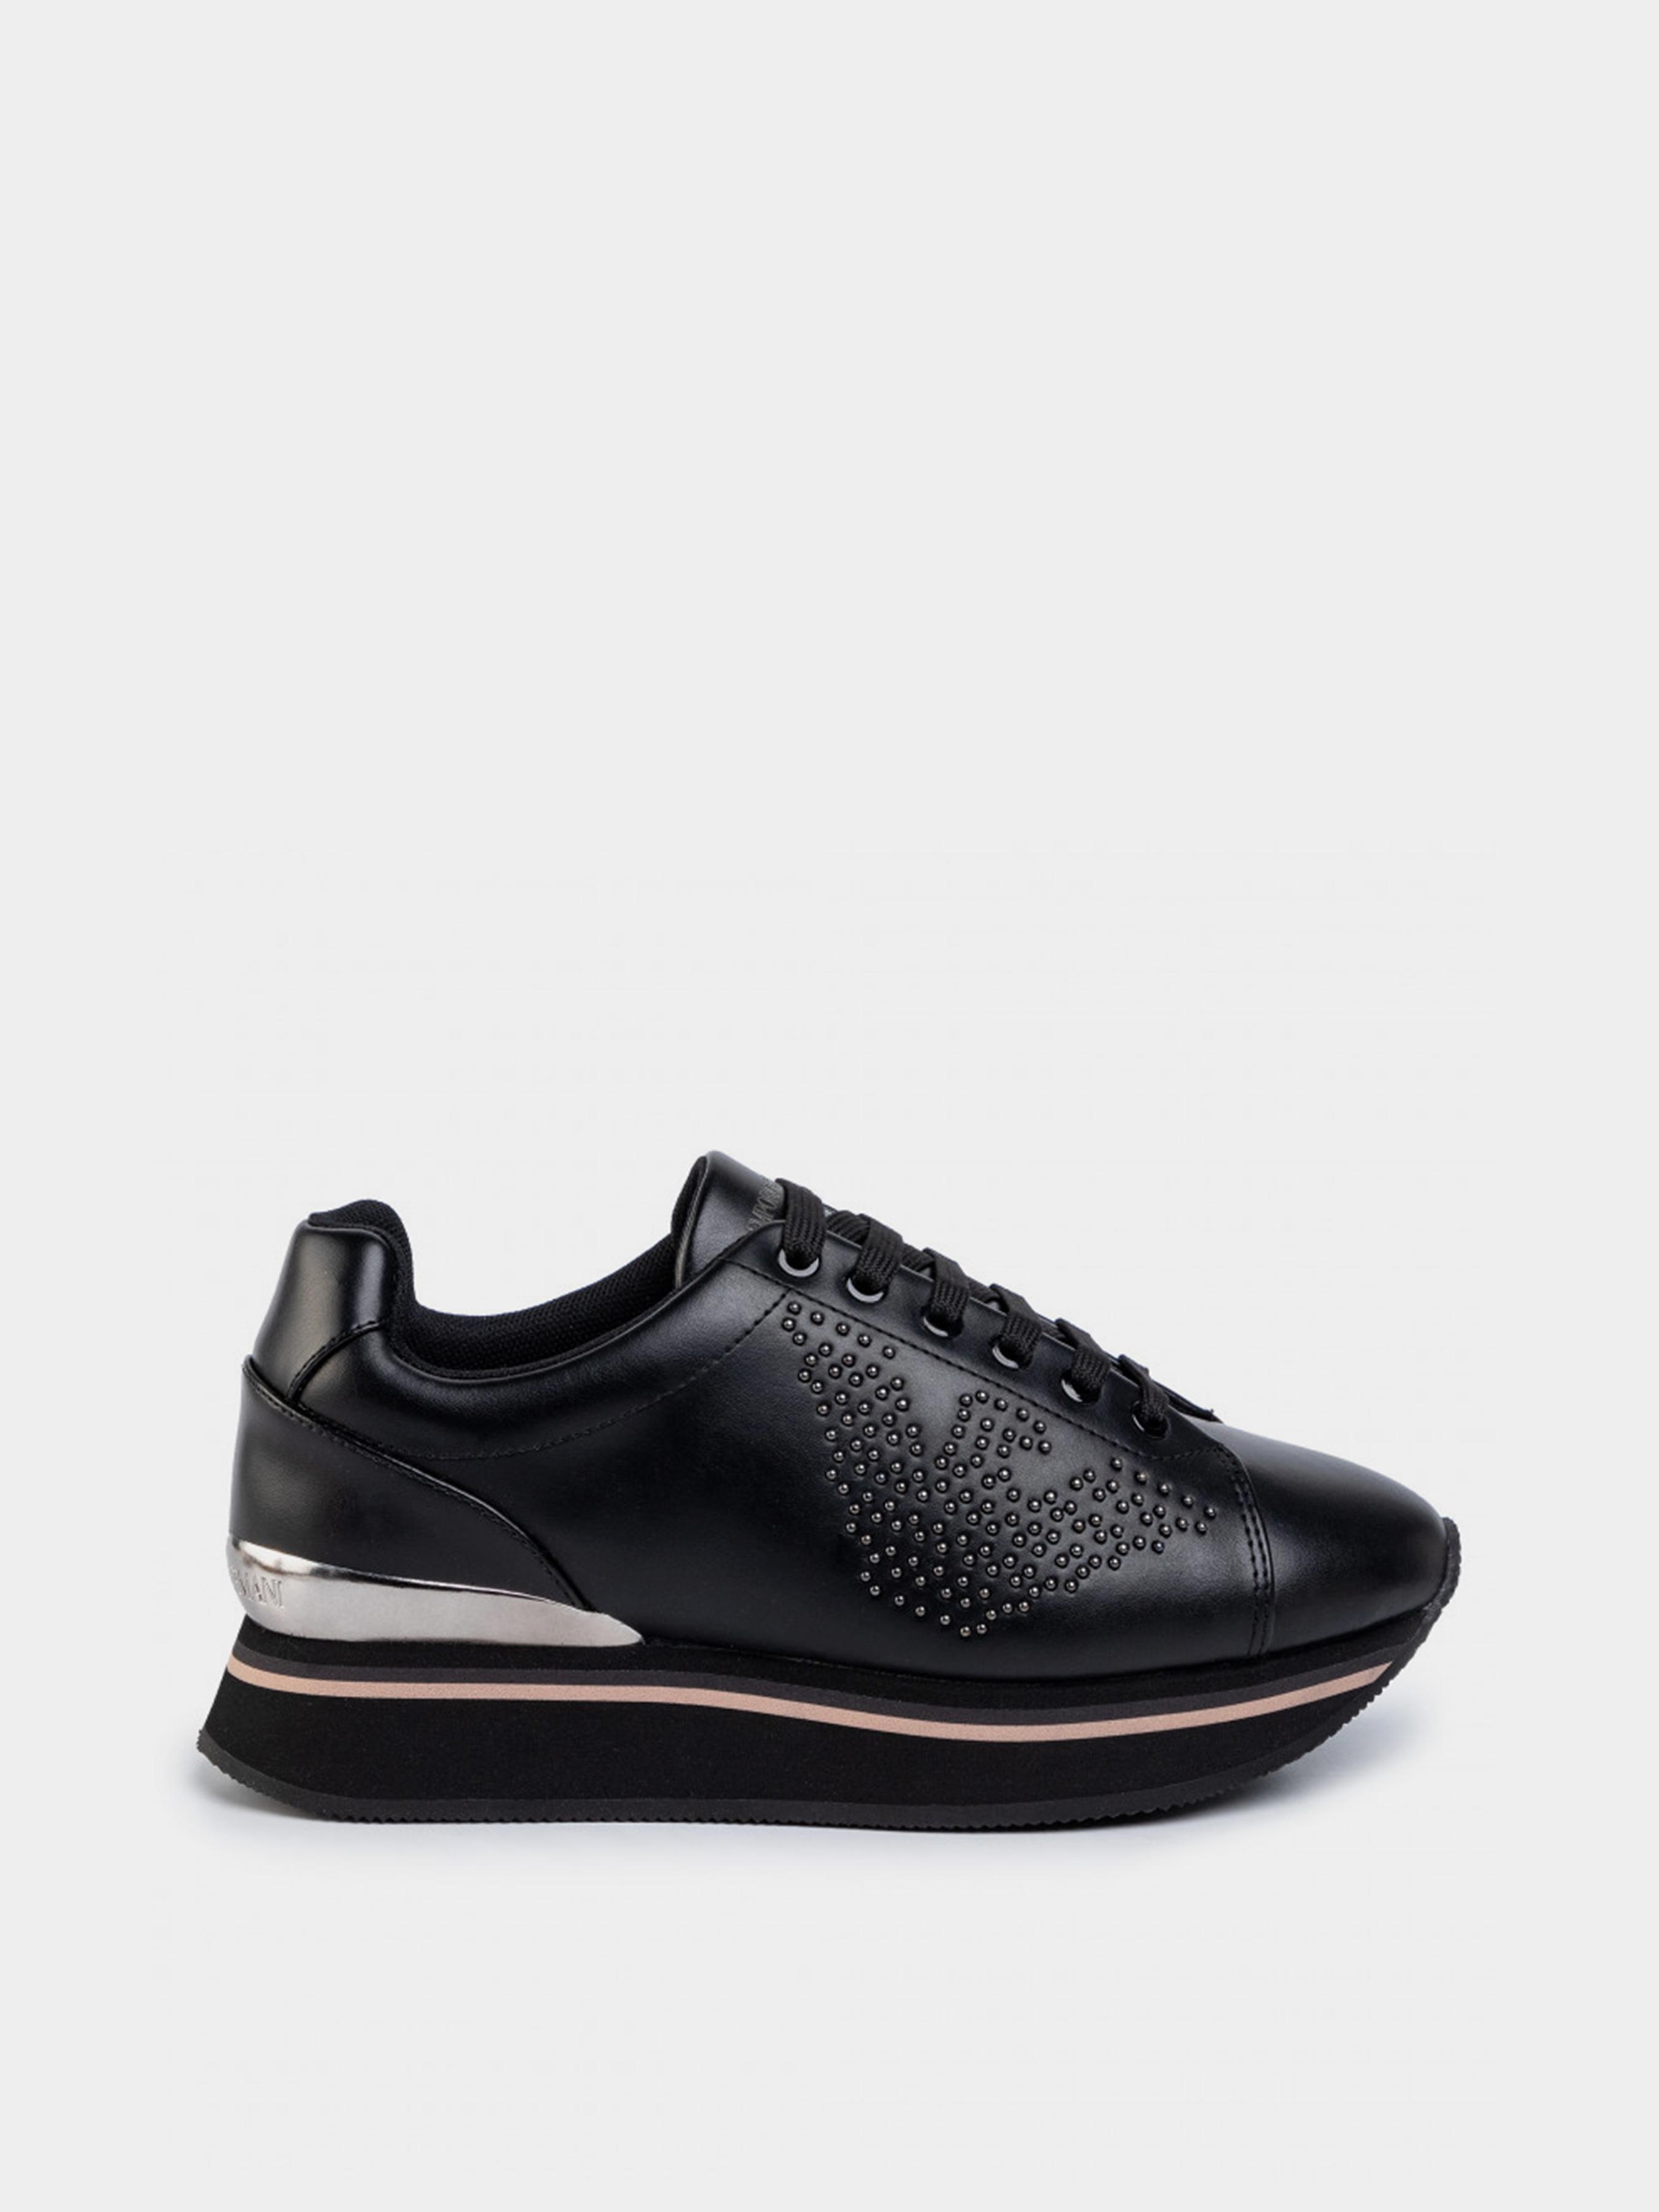 Кроссовки женские Emporio Armani 5R160 модная обувь, 2017